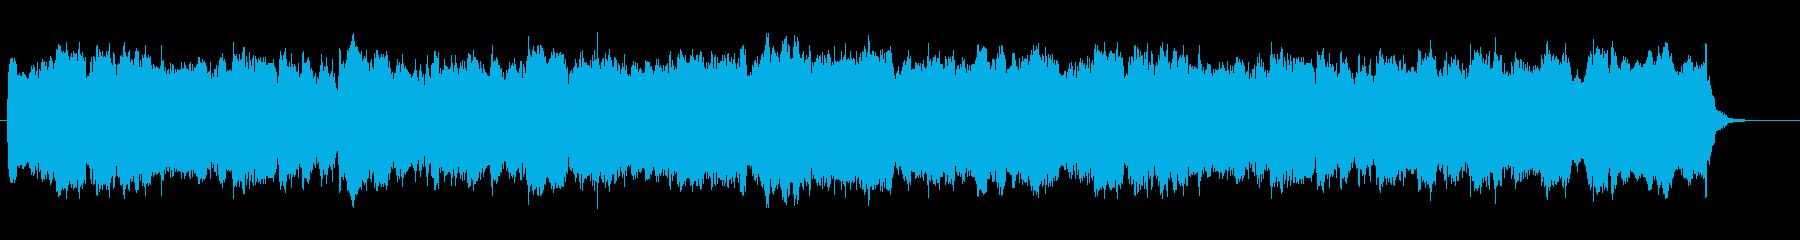 結婚式入退場パイプオルガンBGMの再生済みの波形